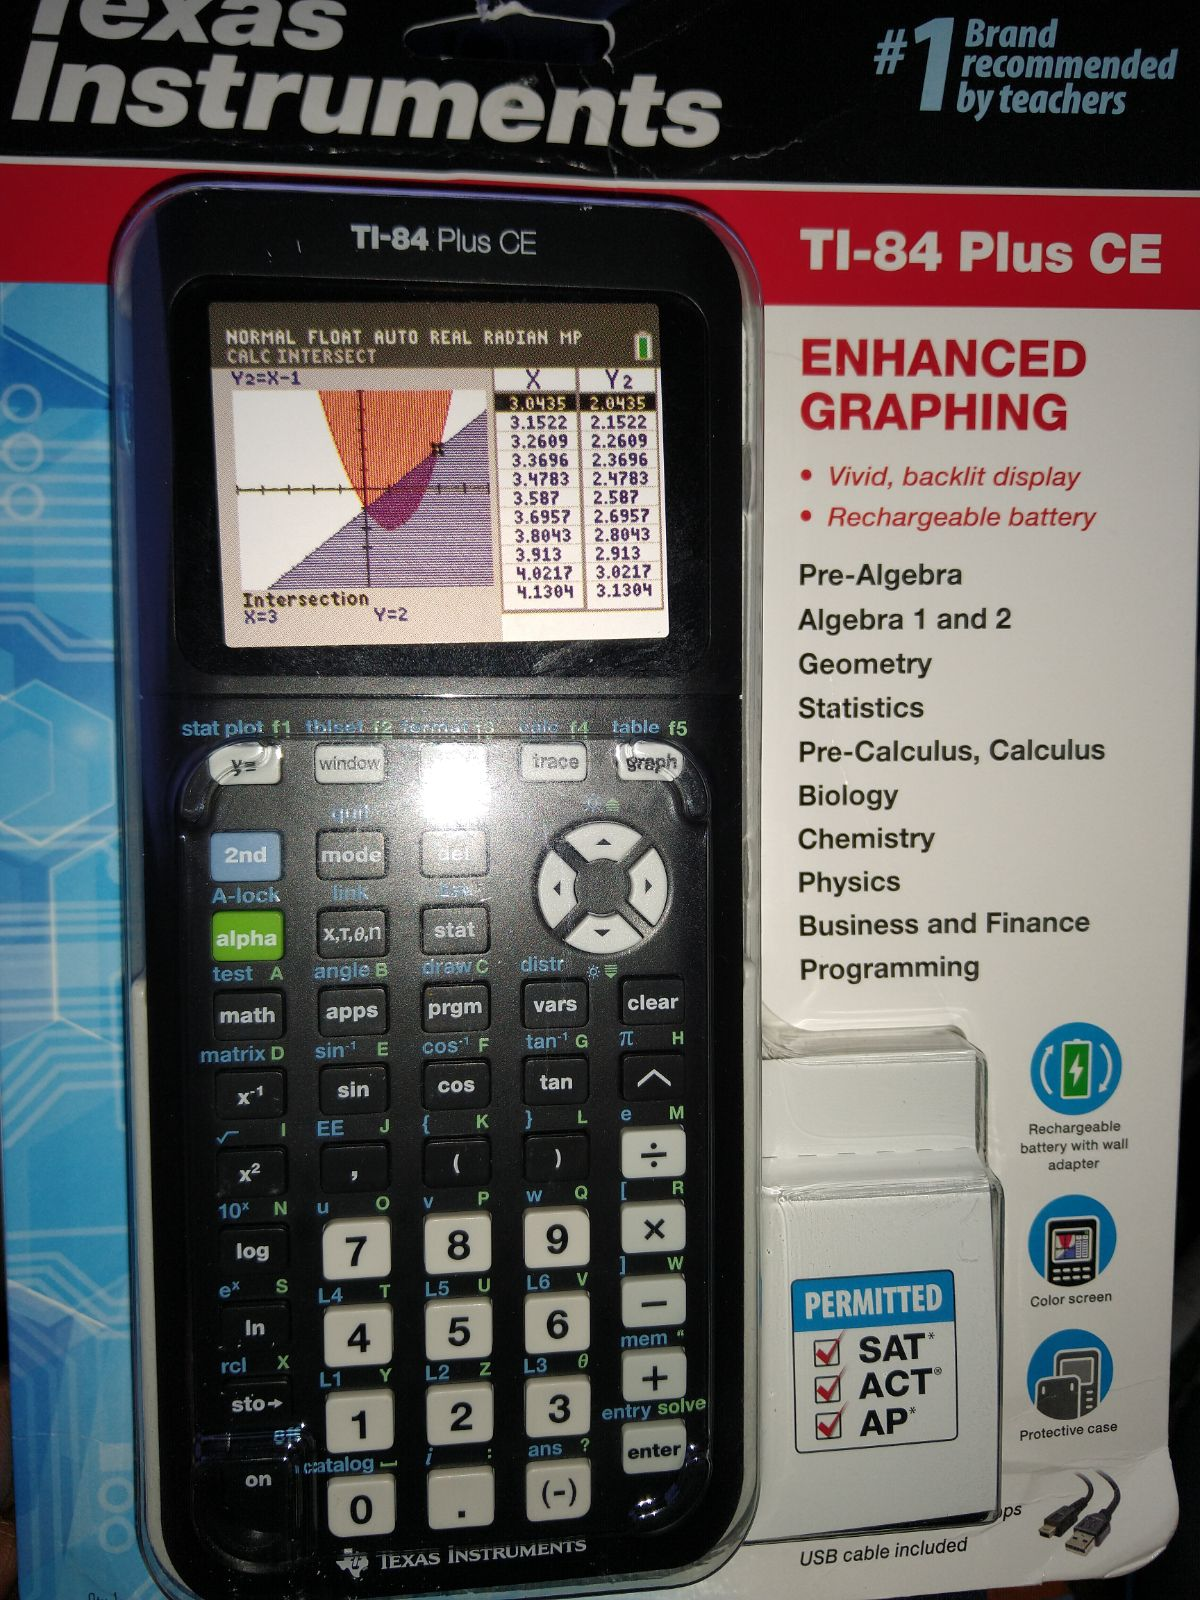 Texas Instruments TI-84 Plus CE